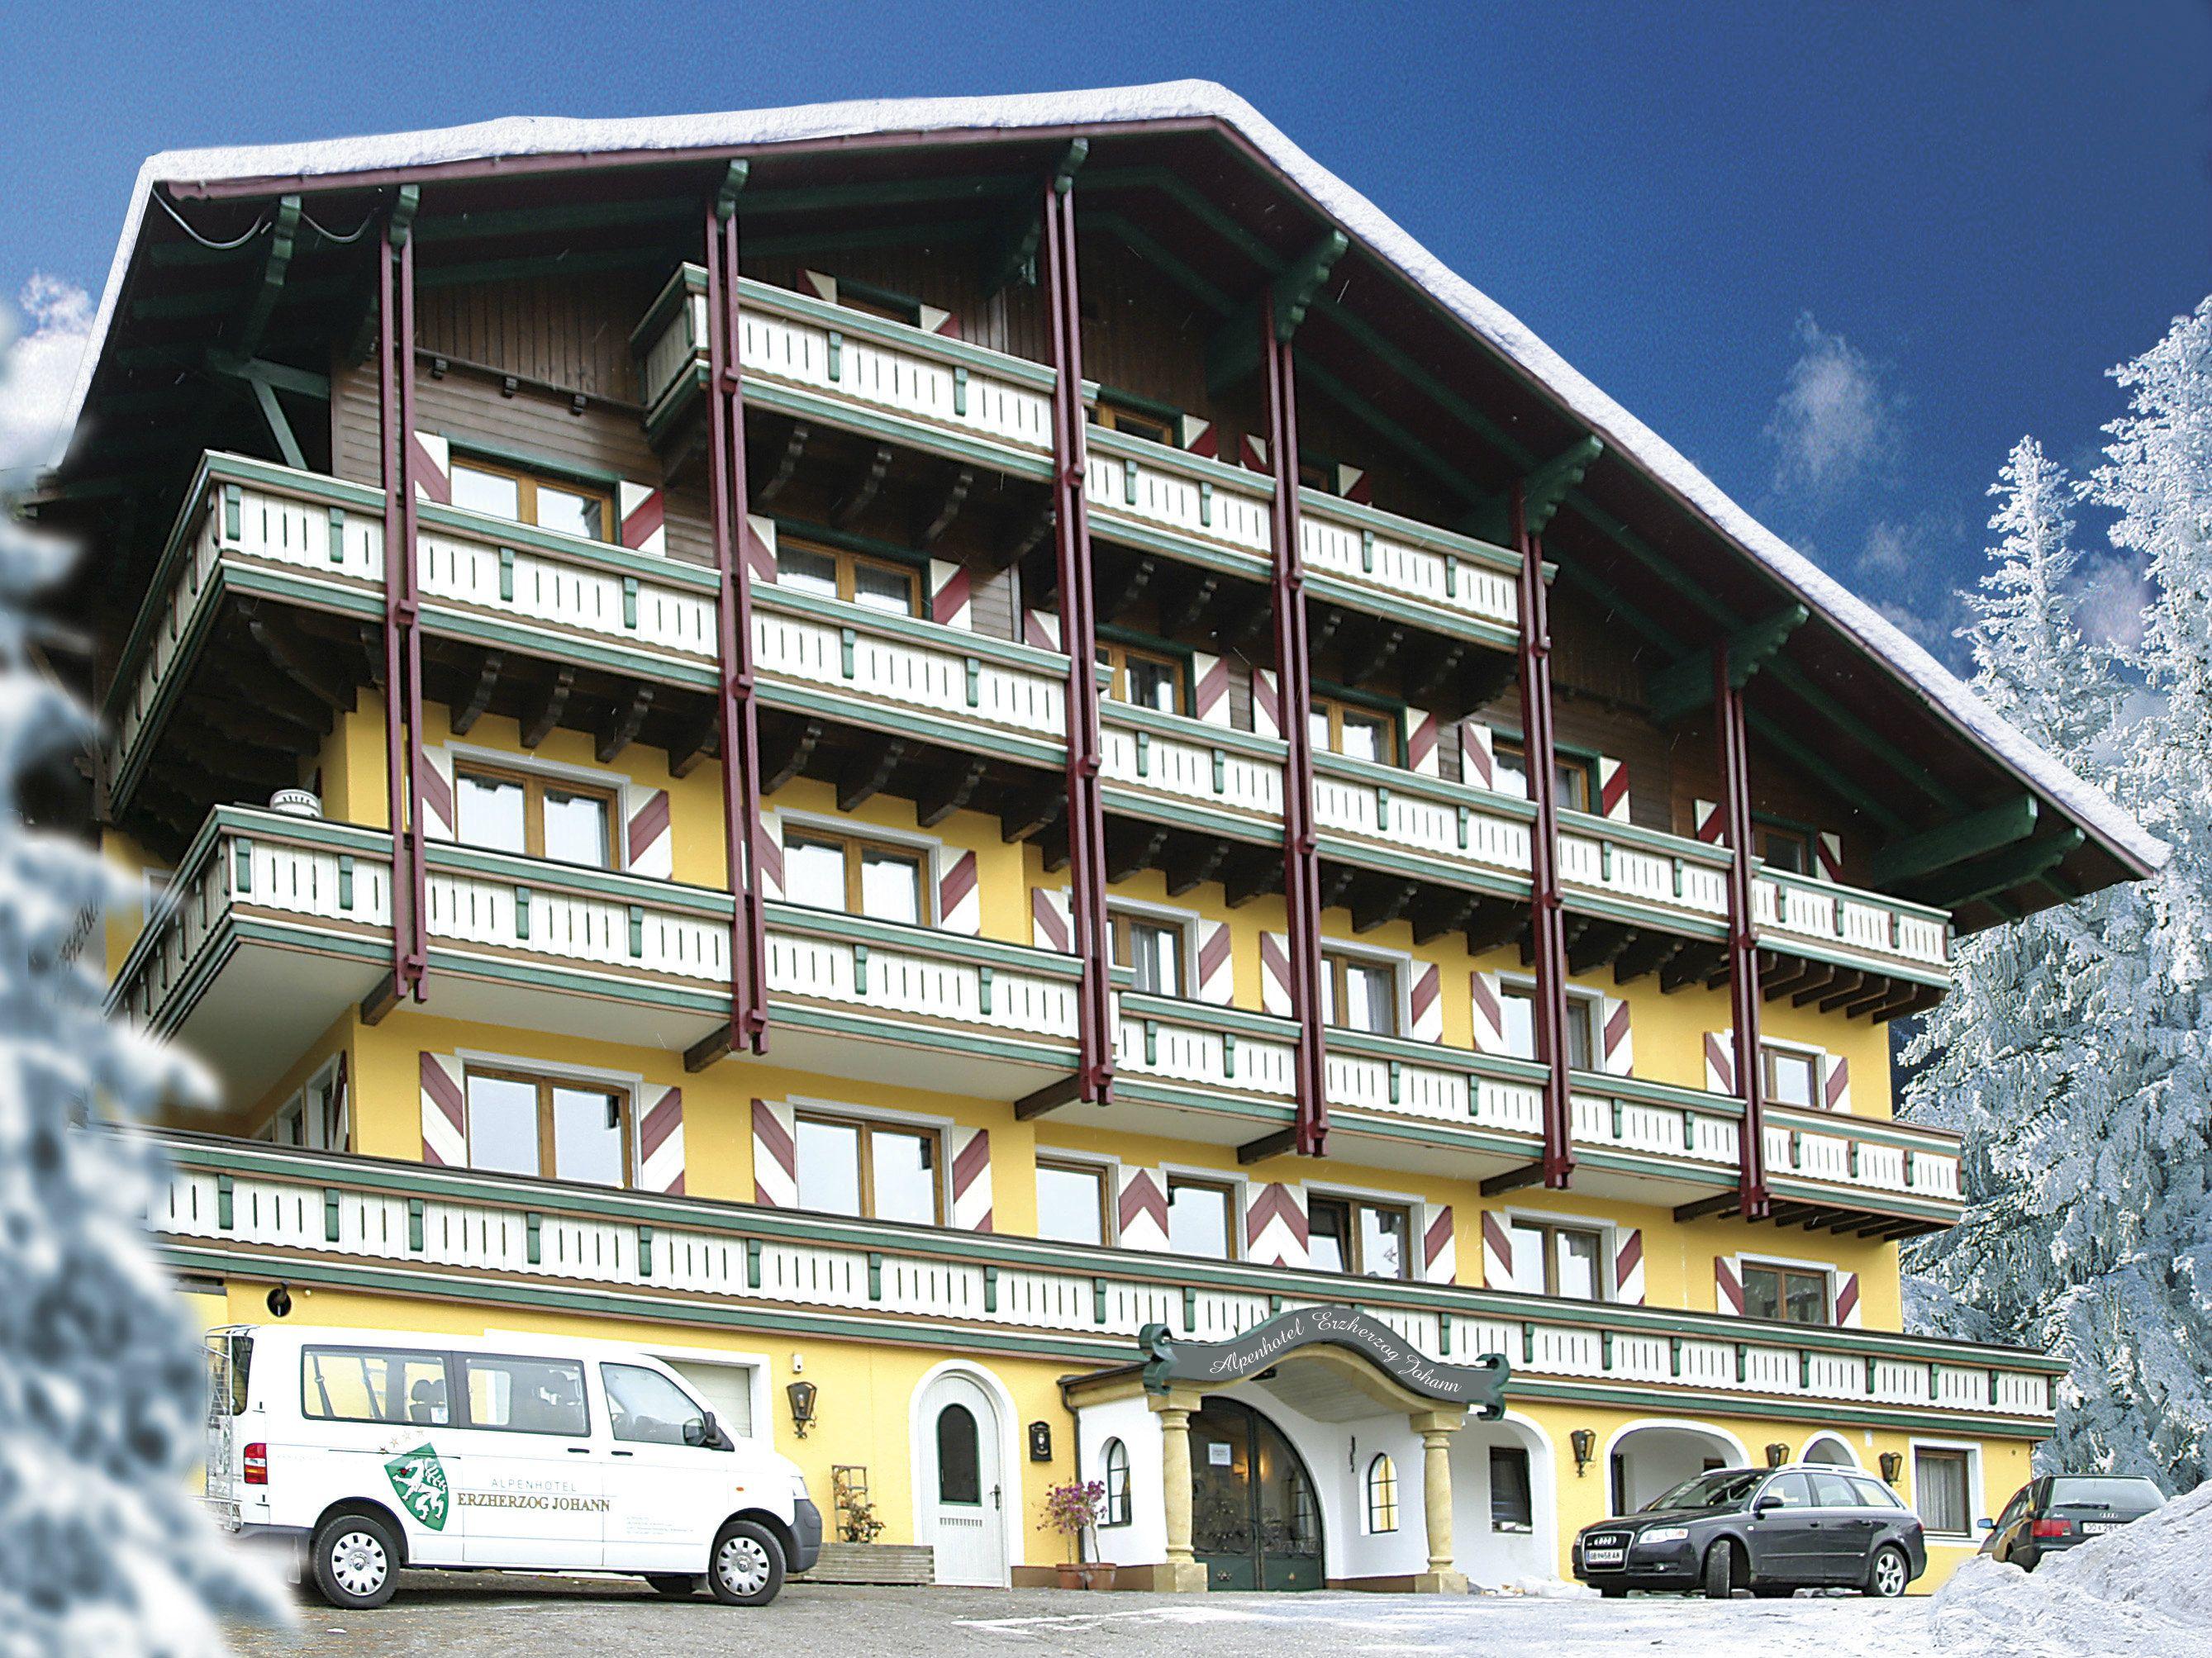 Appartement Erzherzog Johann - 4-6 personen